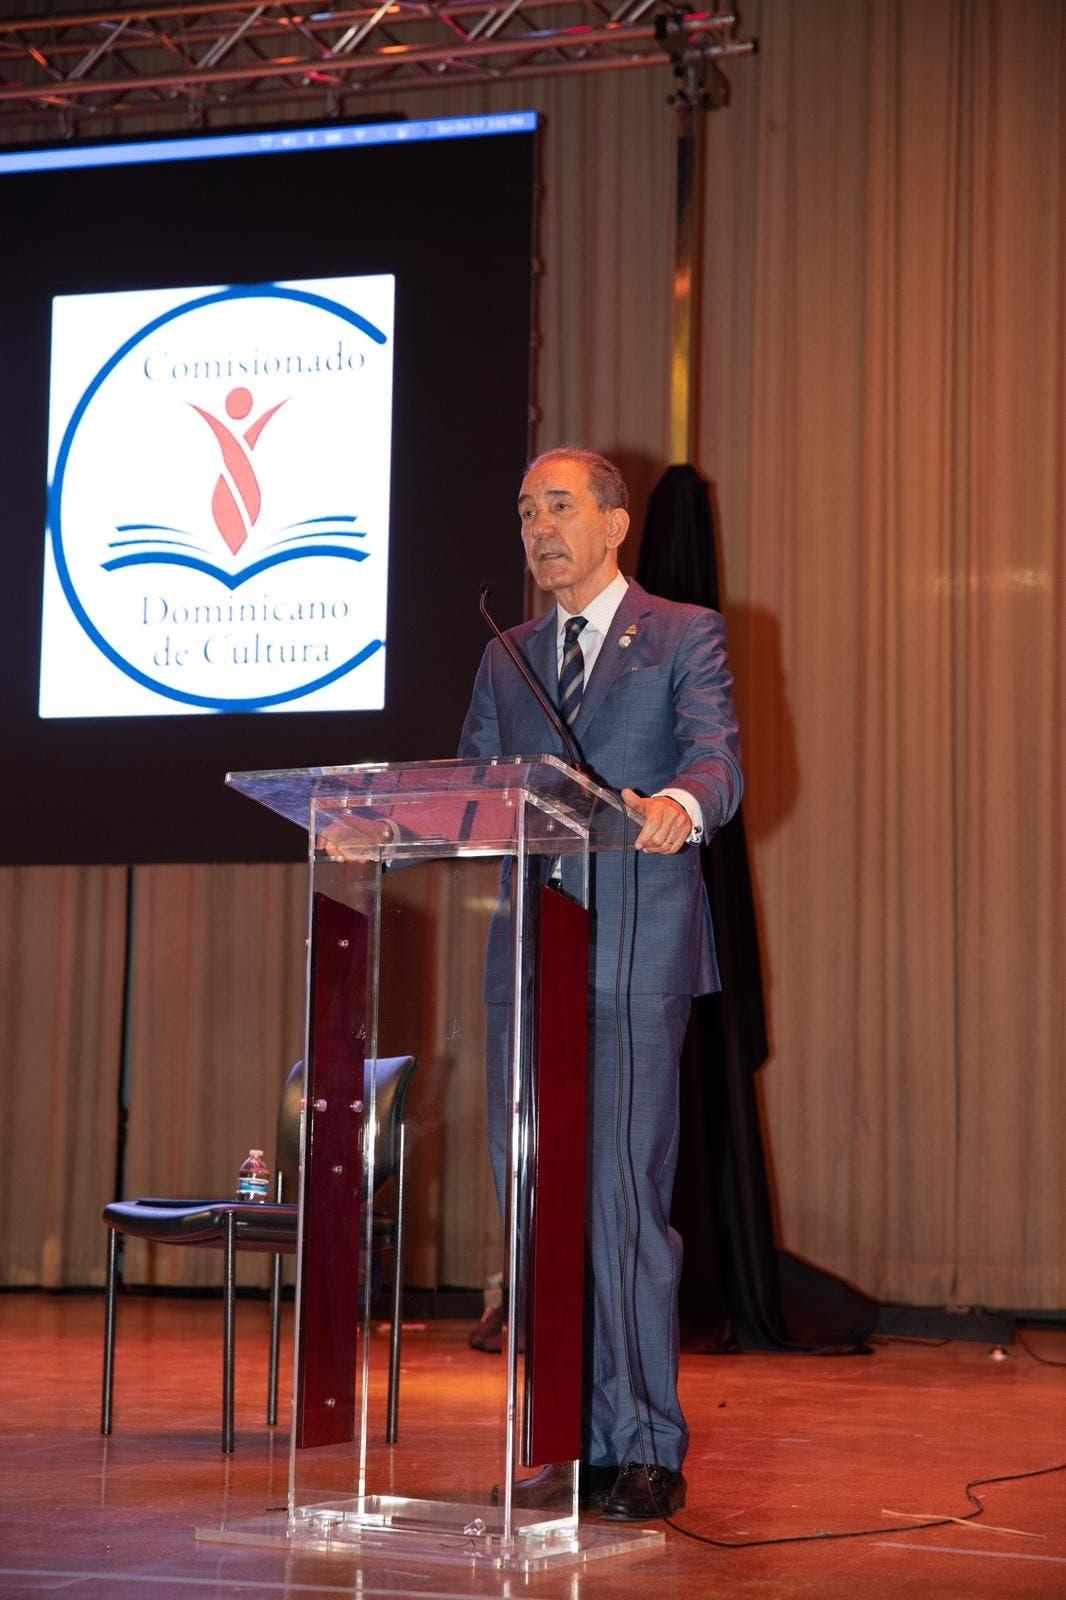 Aseguran políticas educativas de Abinader impactan positivamente a los dominicanos